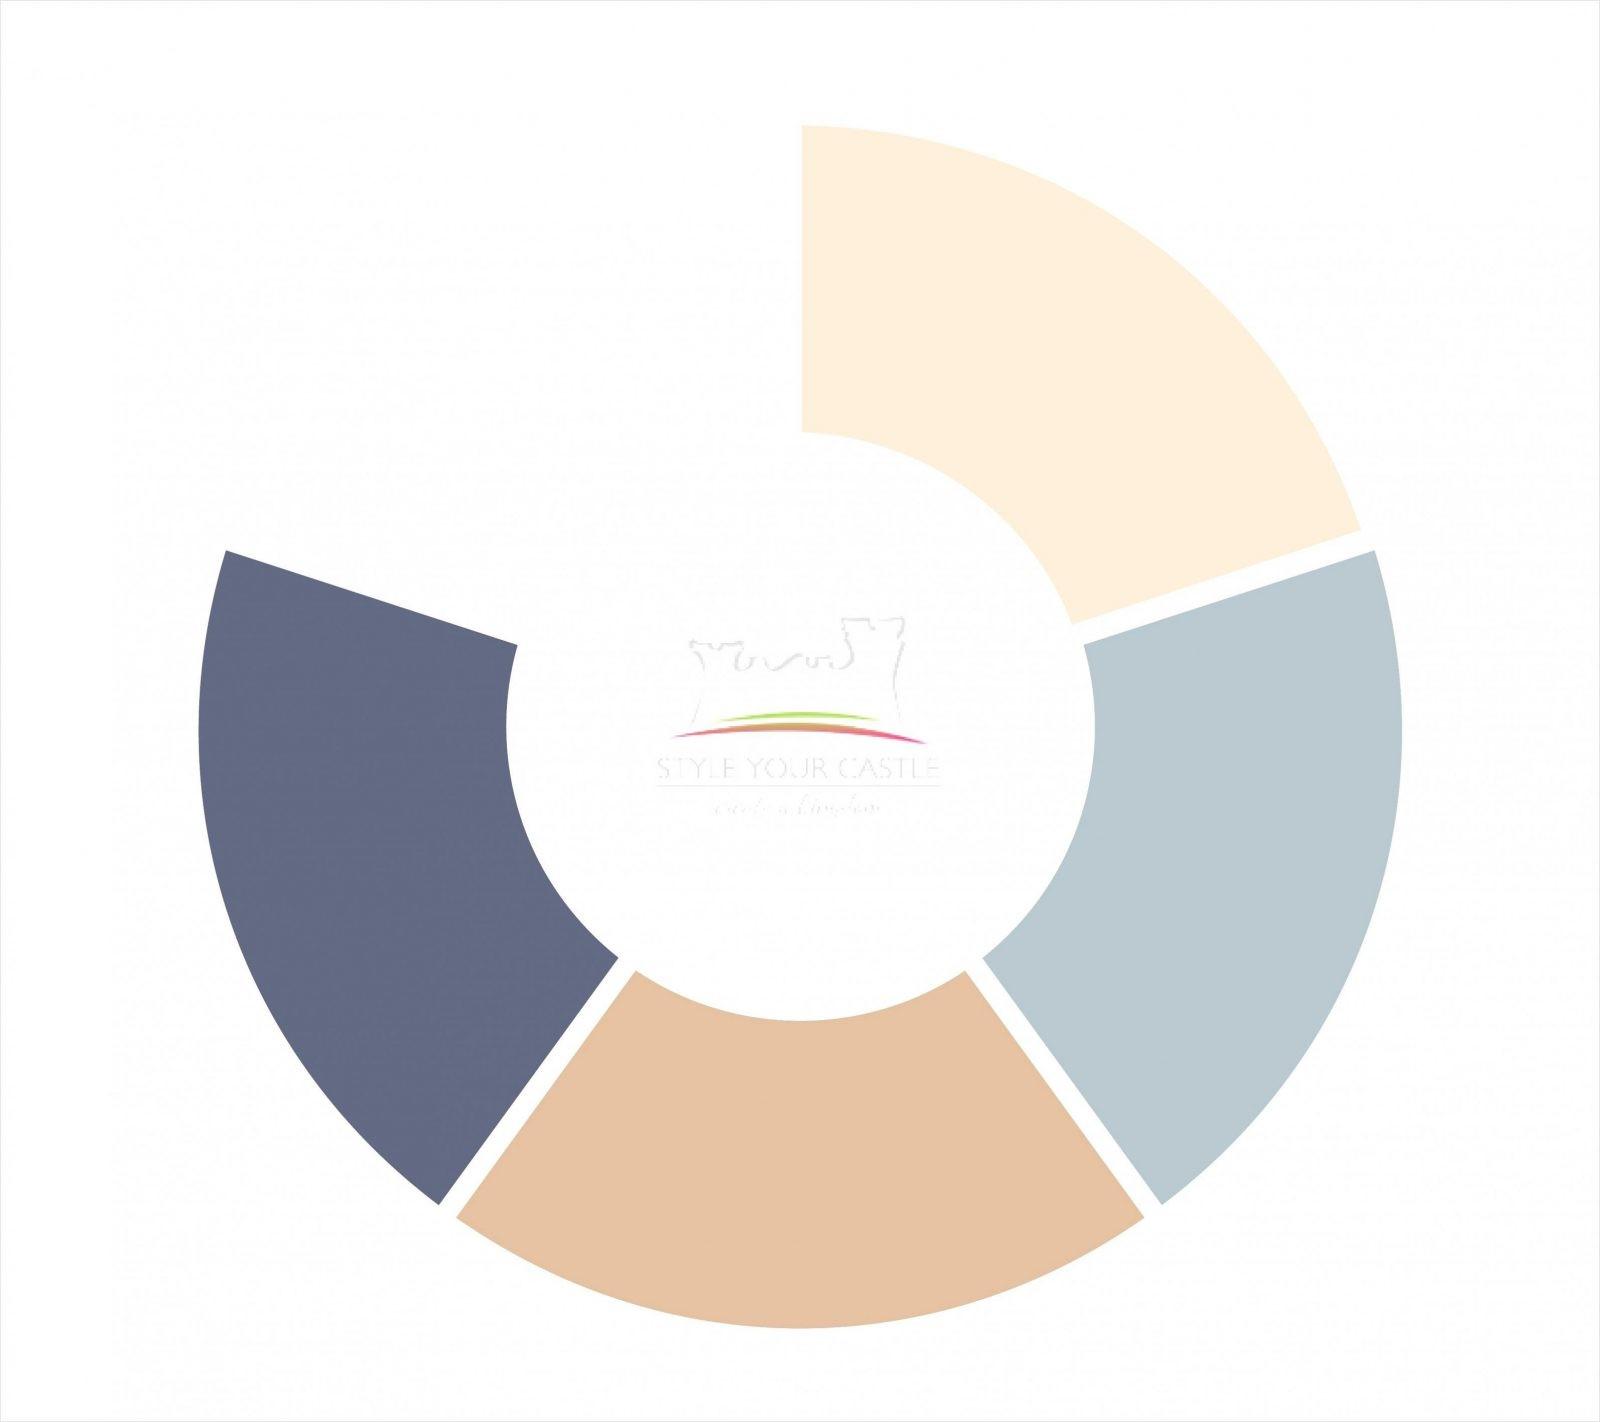 Welche Farben Passen Zu Grau Trendy Wnde Streichen Ideen Farben Avec von Welche Farben Passen Zusammen Wohnen Photo